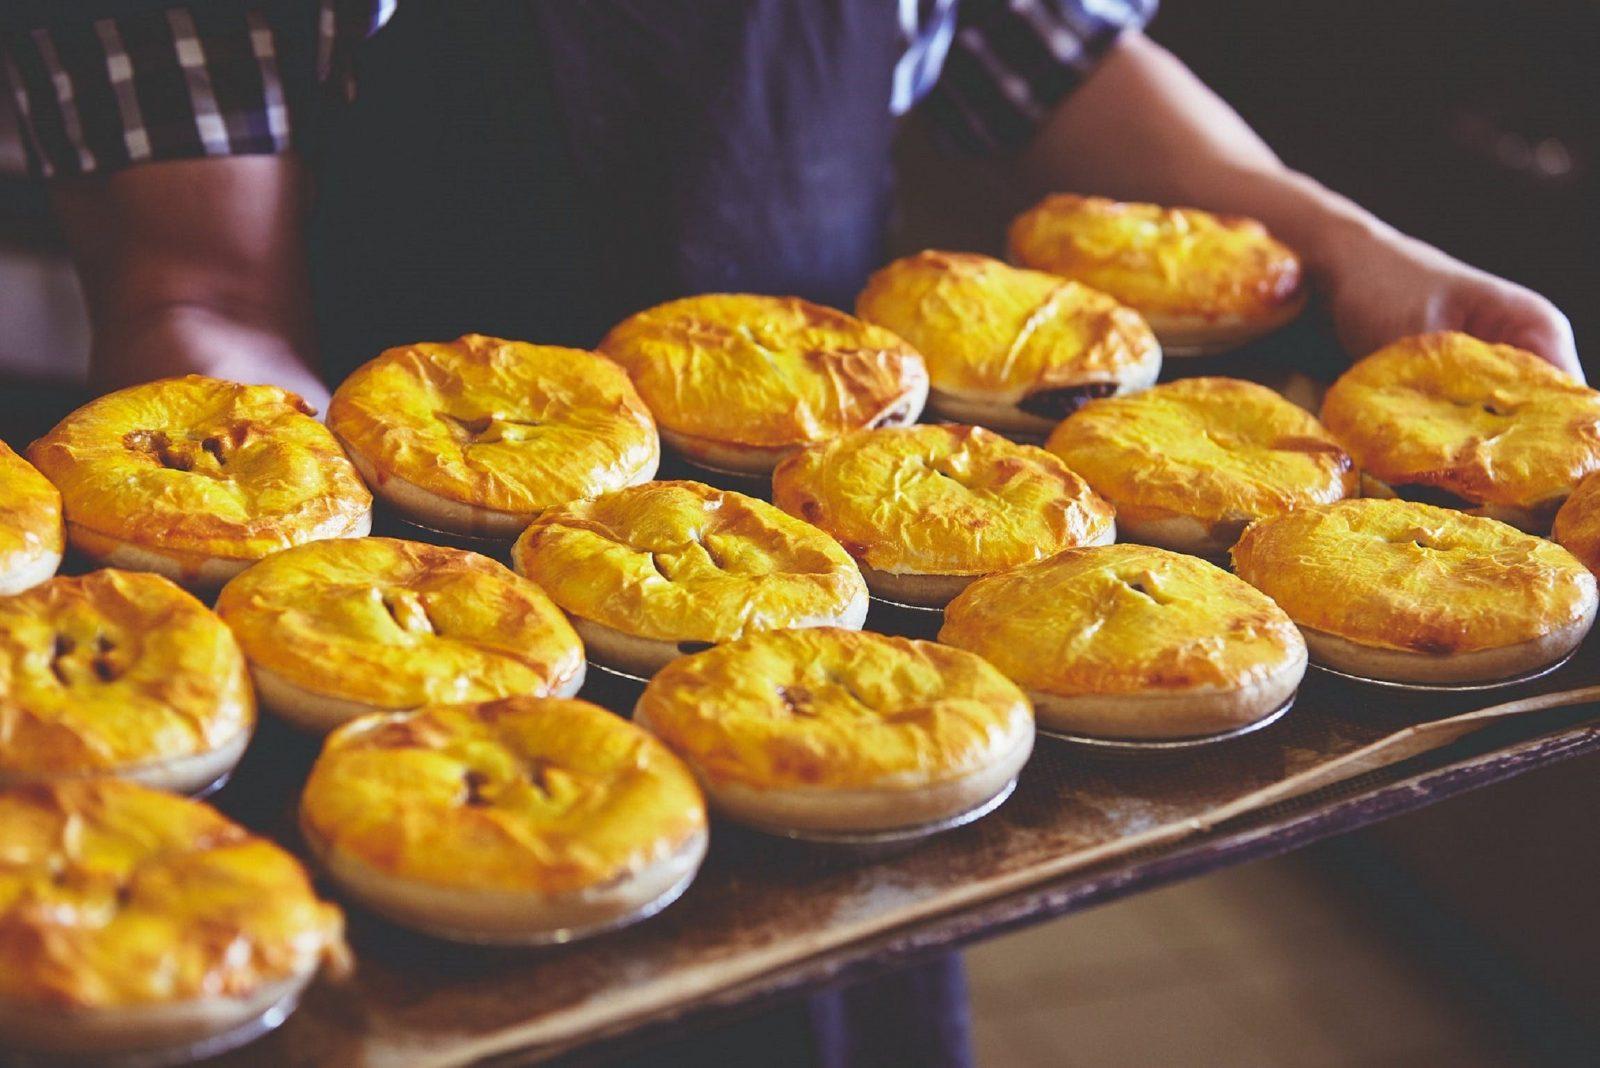 Marketfair Campbelltown Pies from Mekong Bakery